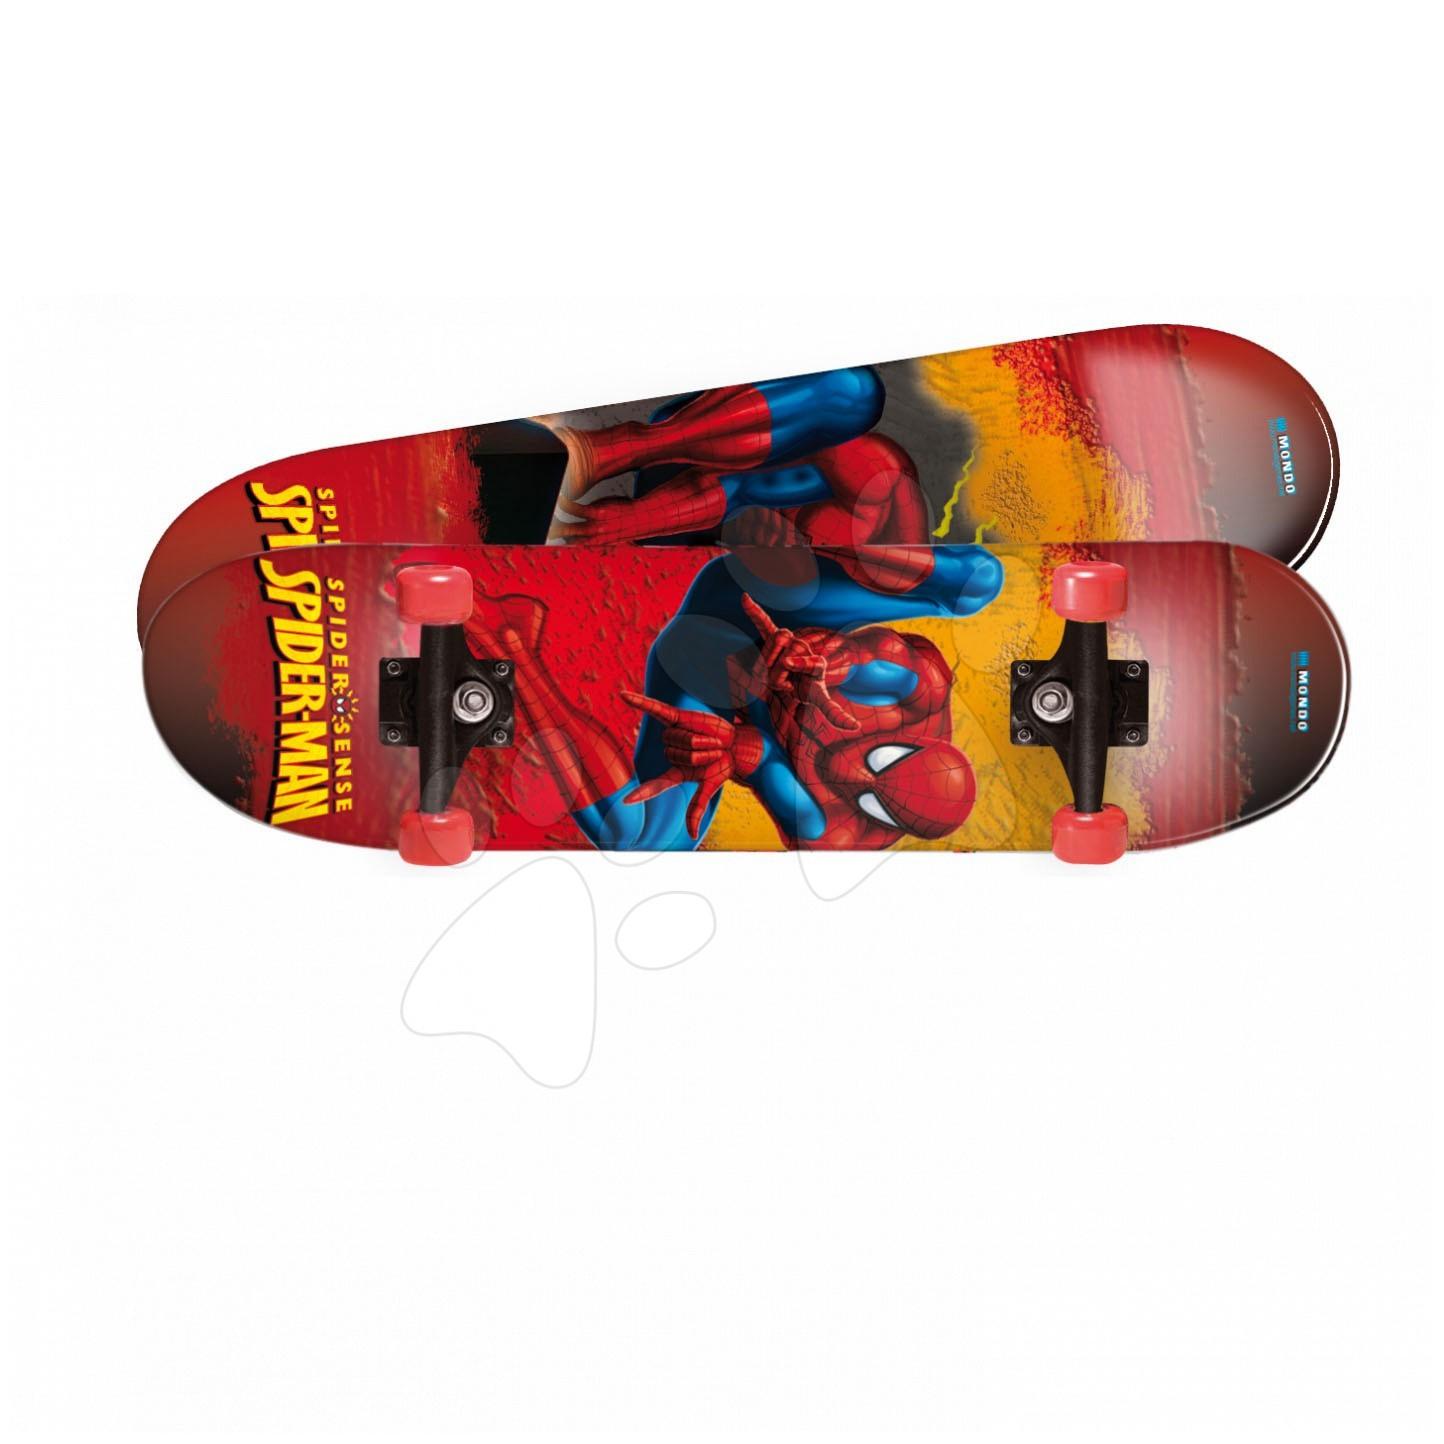 Skateboard Spiderman Mondo 80*20 cm, obojstranná potlač